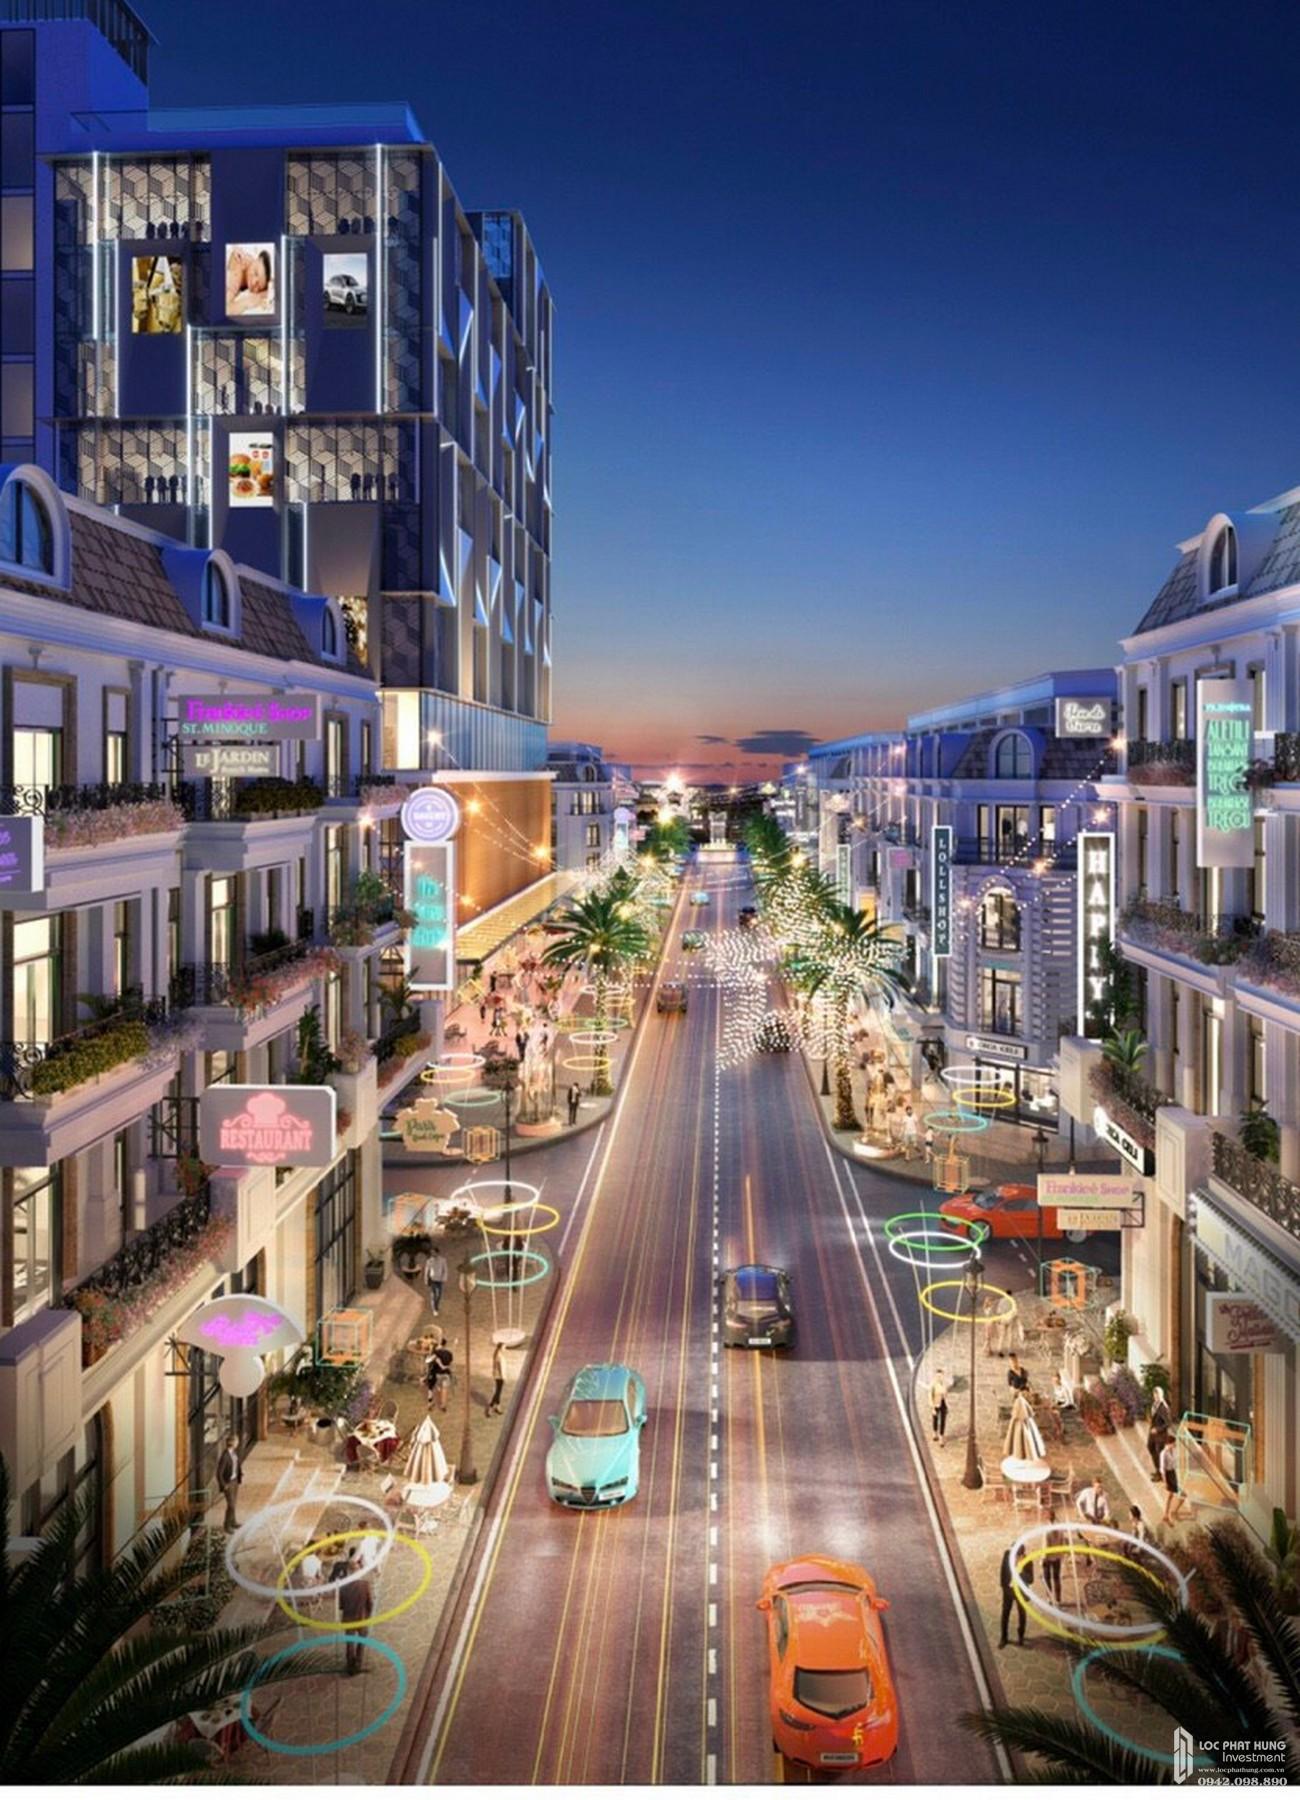 Đại lộ ánh sáng - đường đi bộ dự án The Light City Đồng Xoài